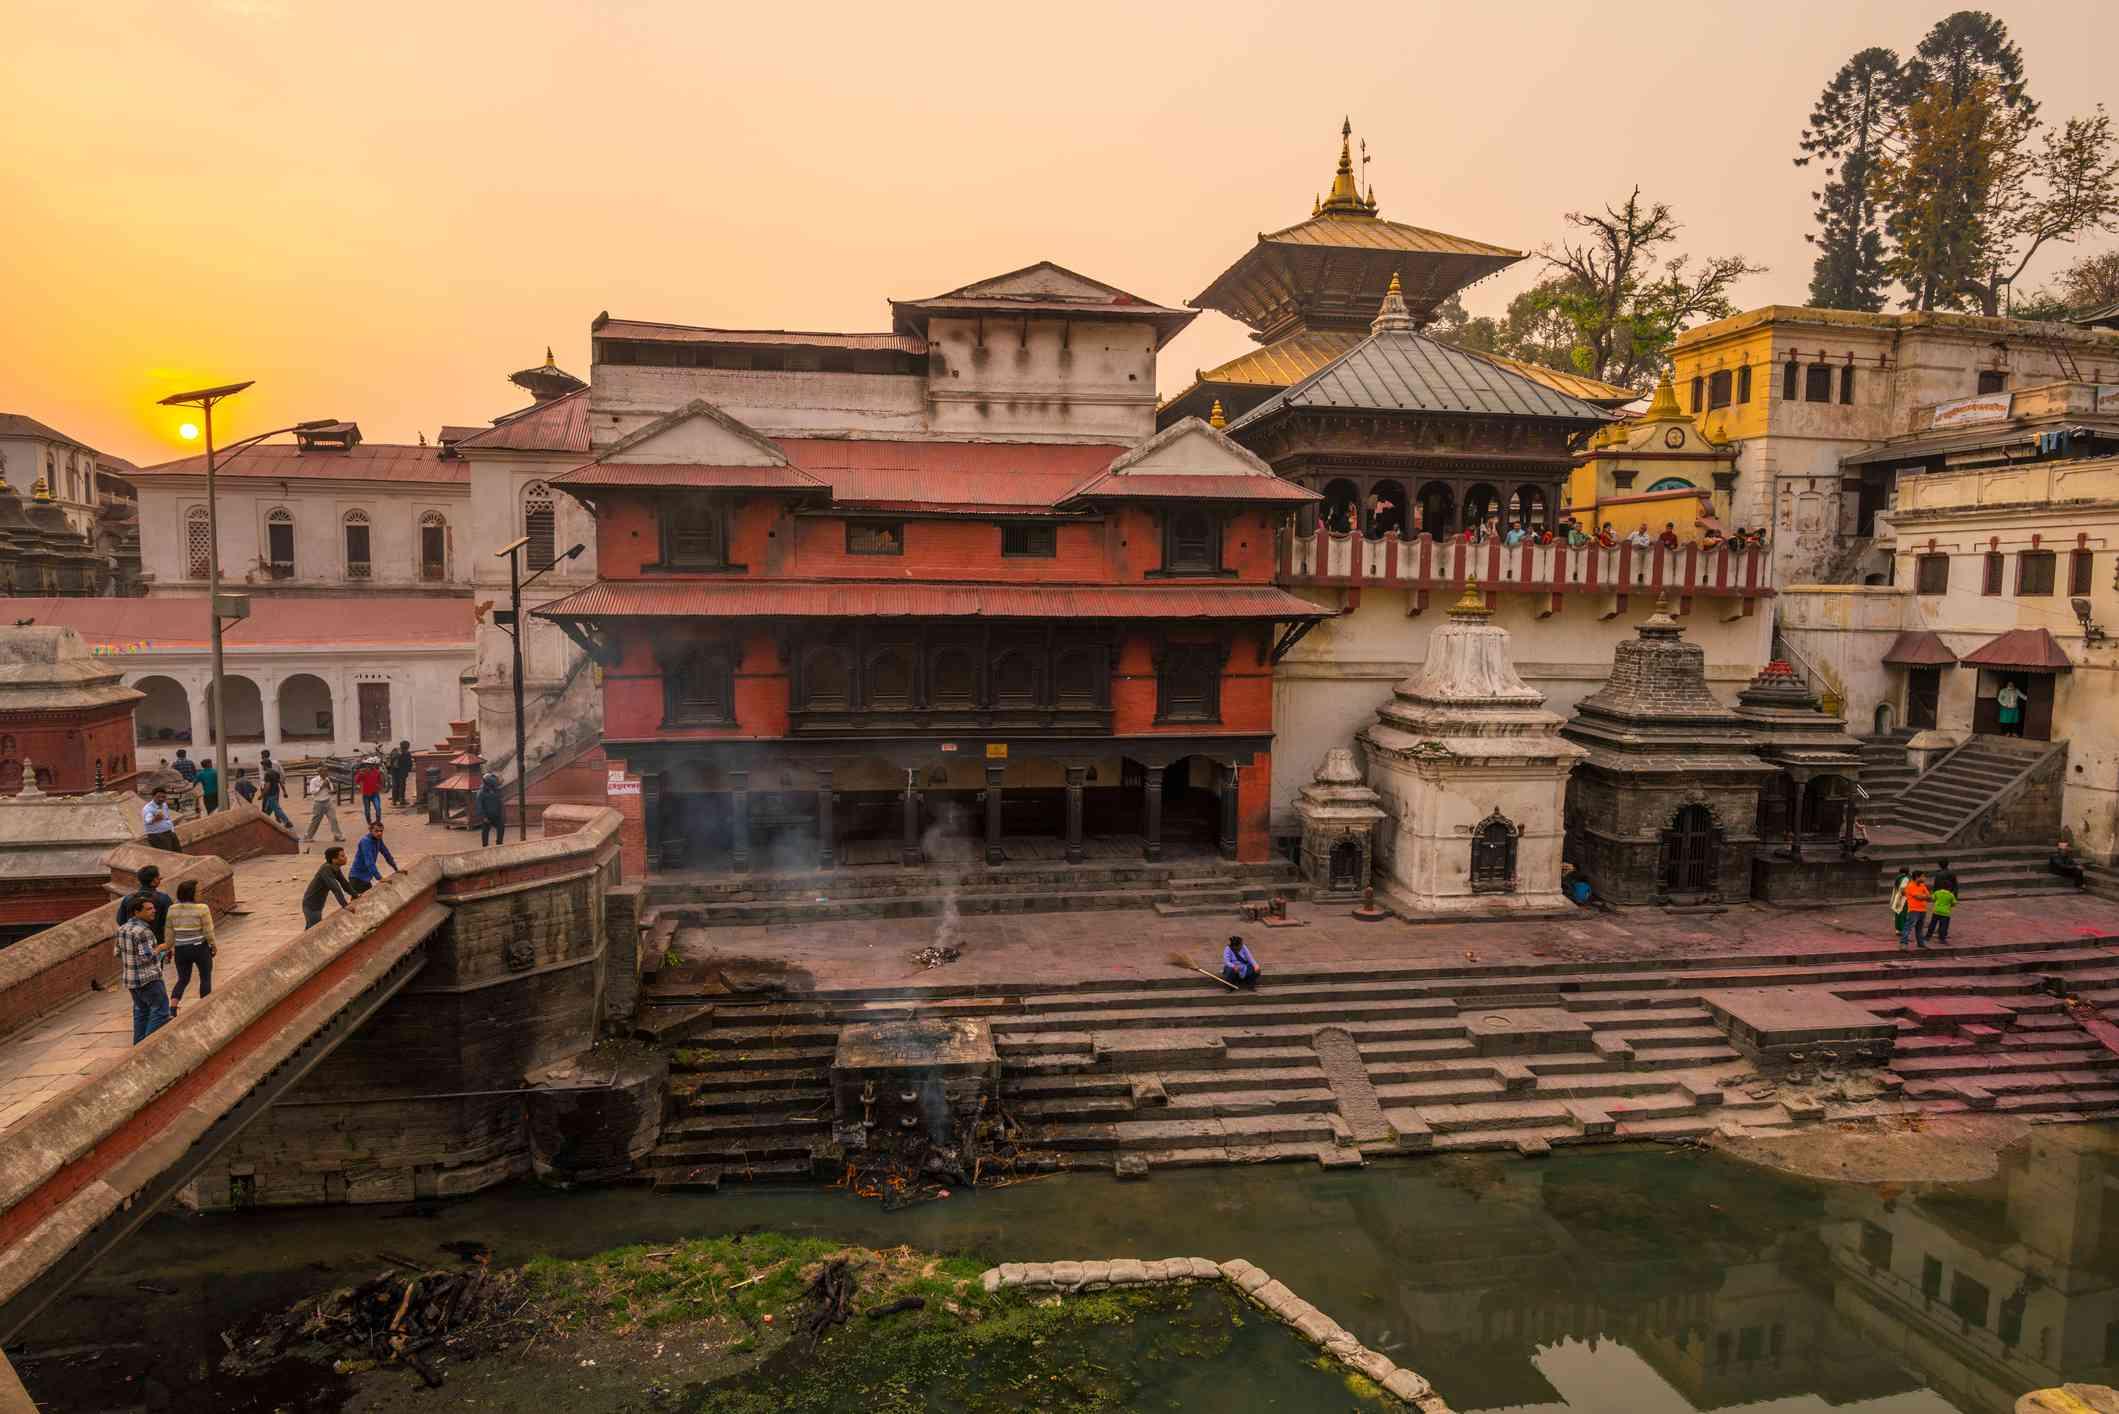 Pashupatinath Temple in Kathmandu Nepal.